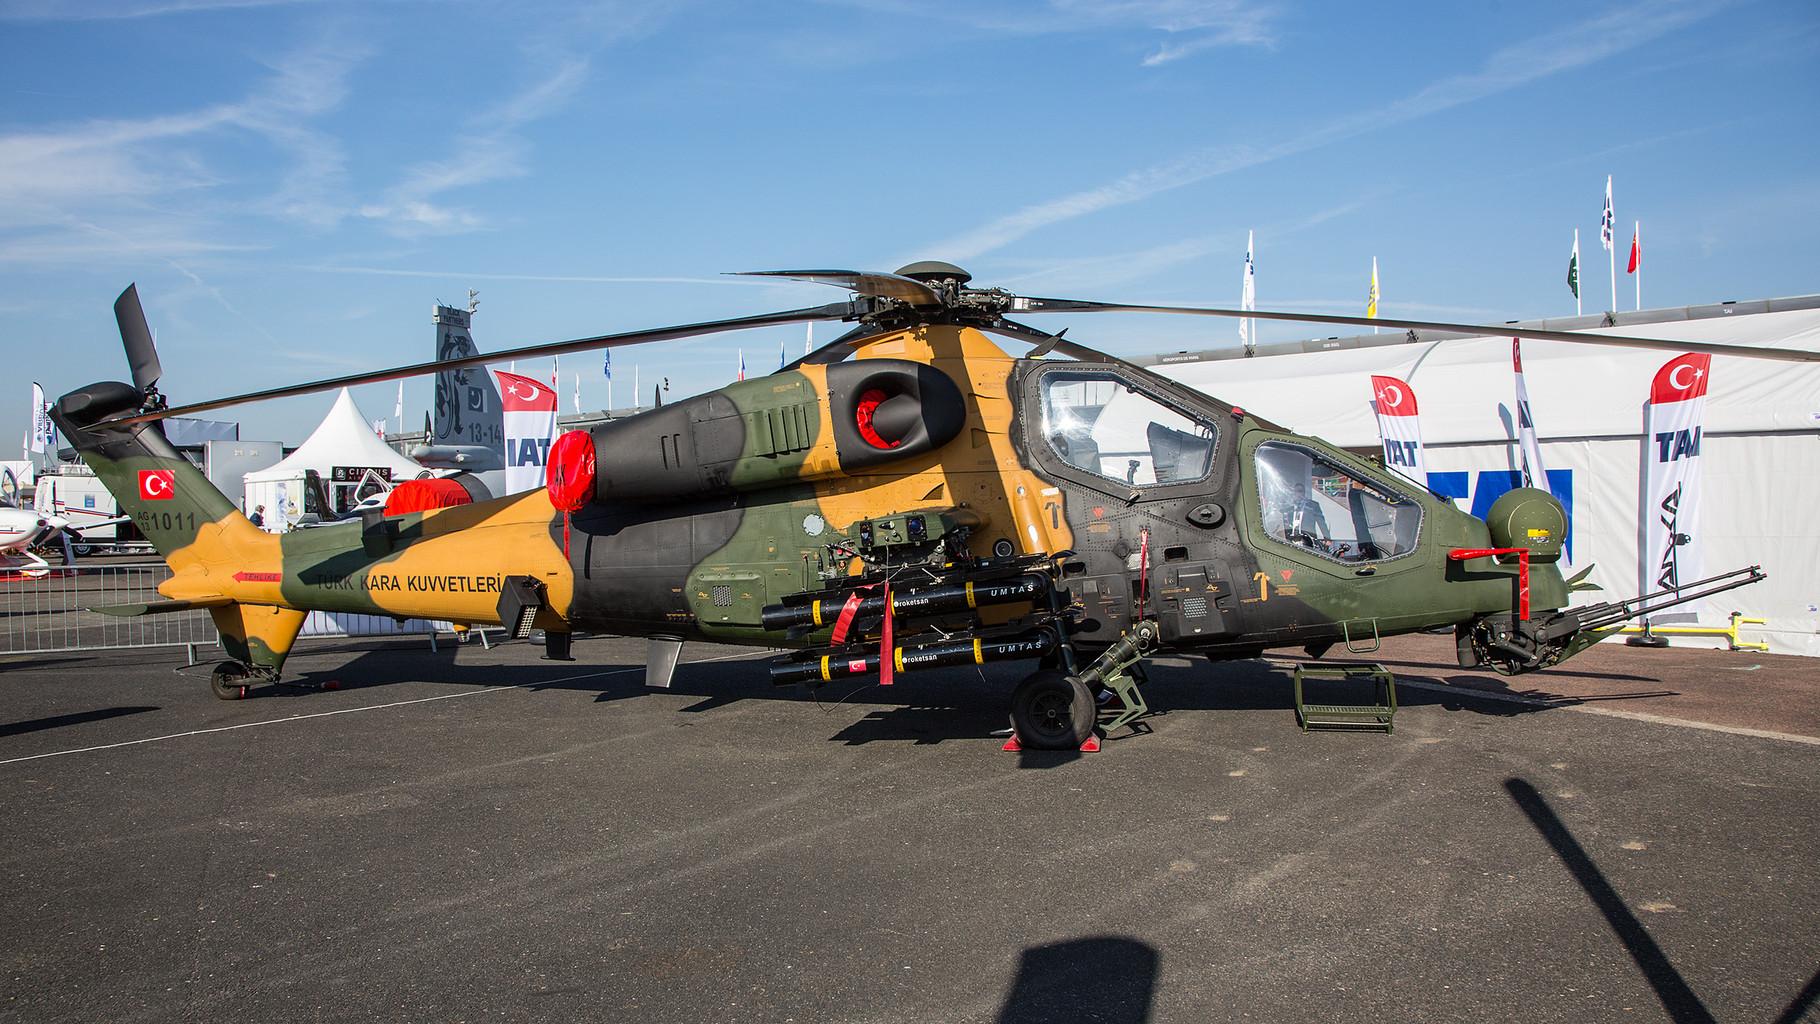 Auf der Basis der Agusta A-129 hat die Türkei für ihre Army den T-129 entwickelt.